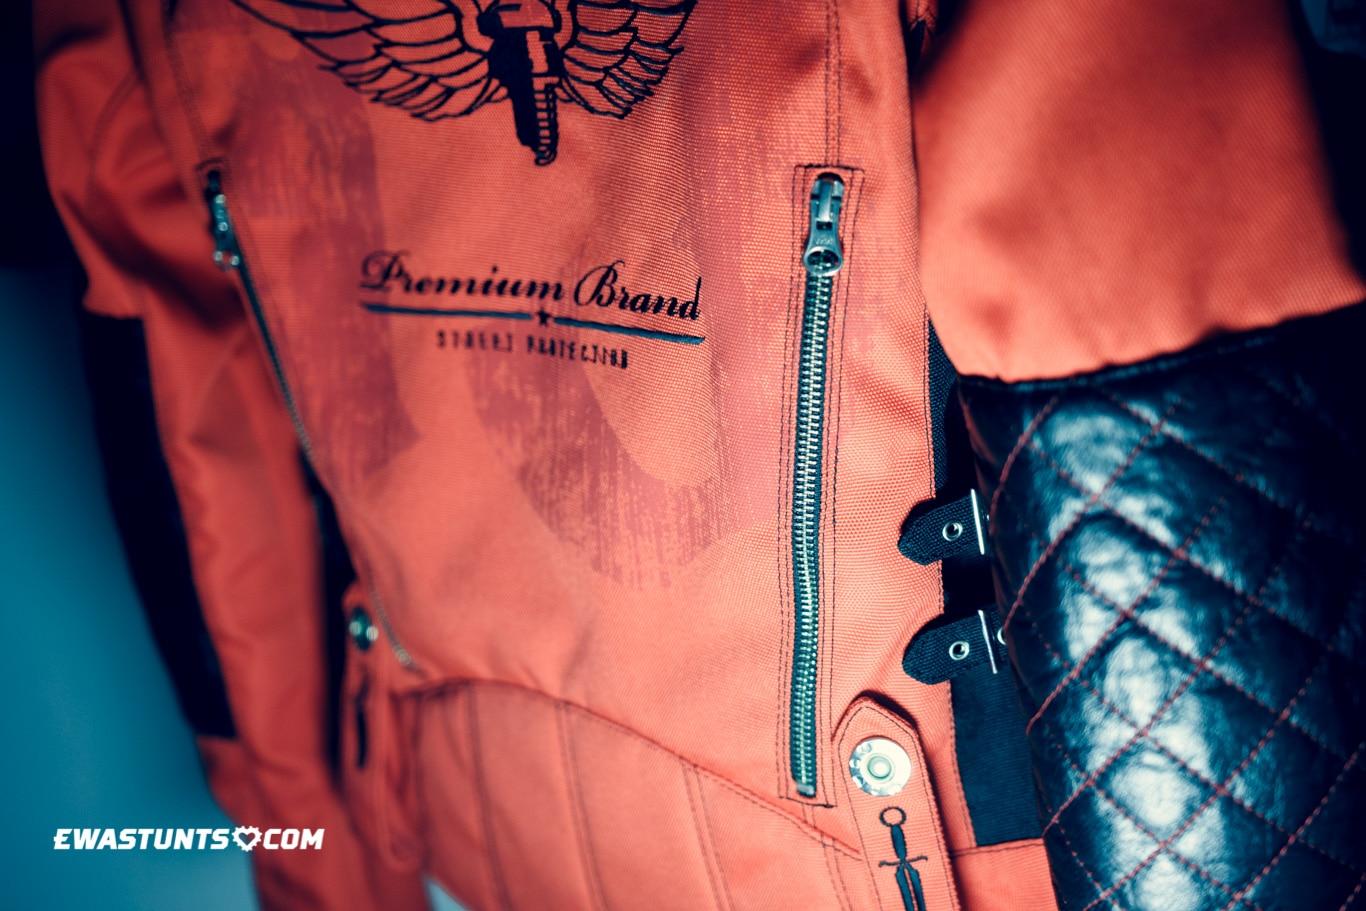 ewastunts_icon_jacket-22